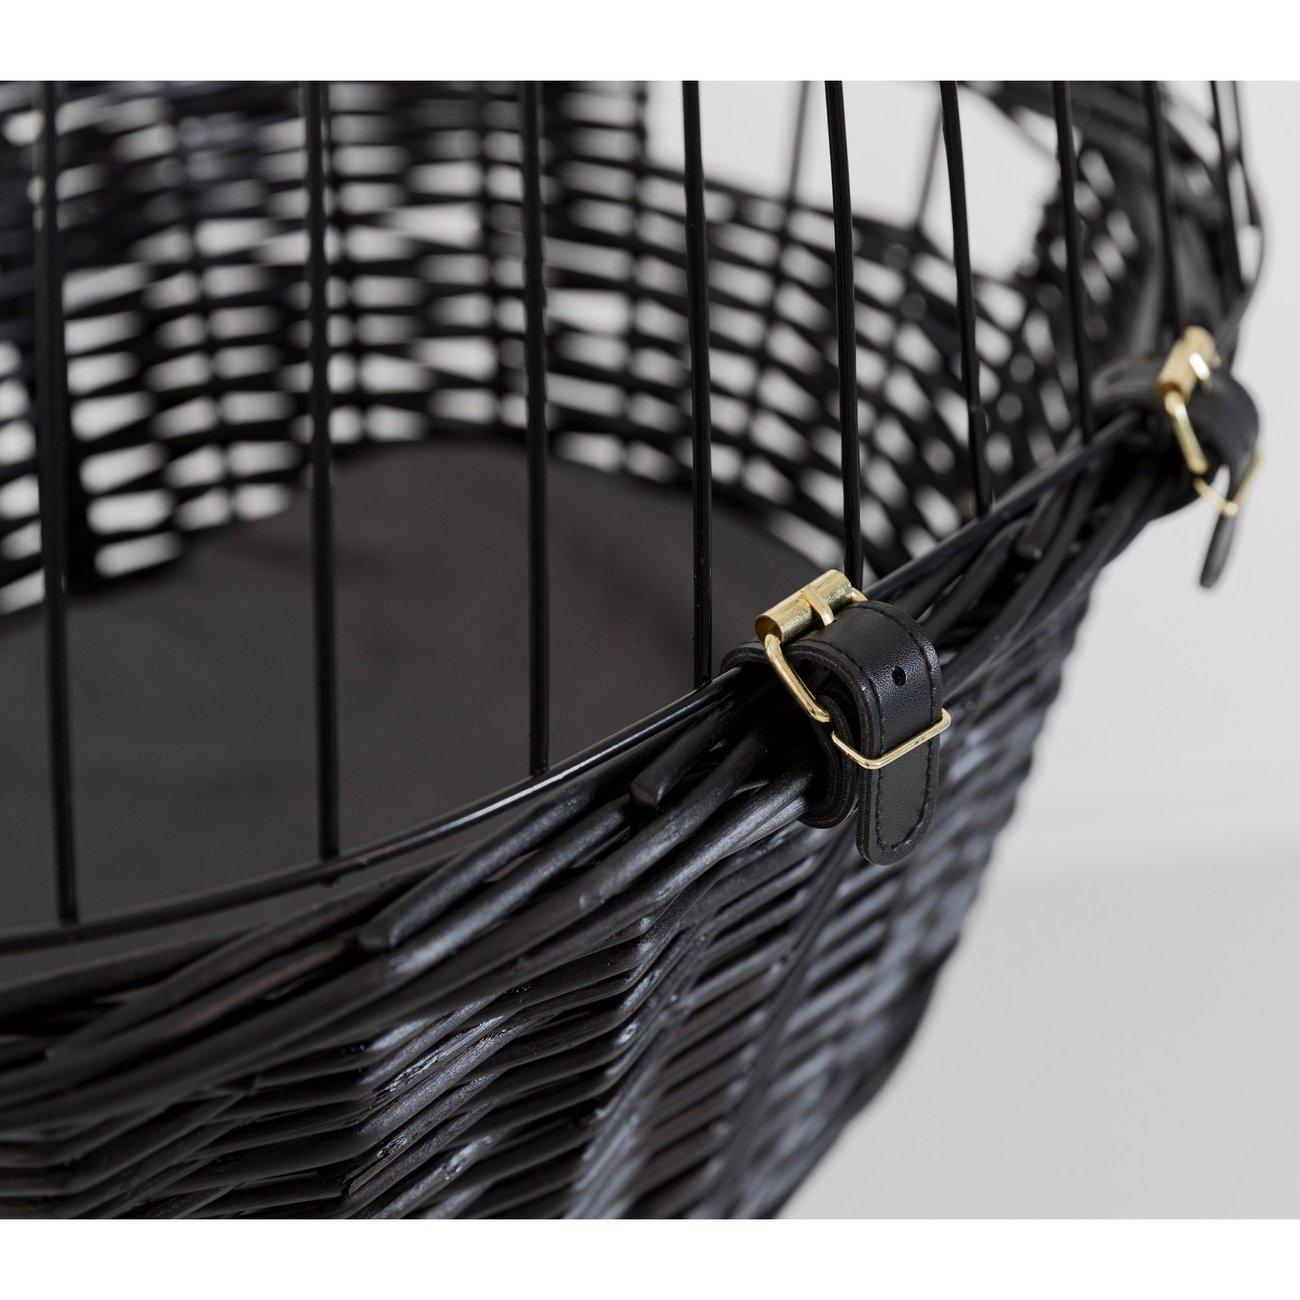 TRIXIE Fahrradkorb mit Gitter, schwarz 2818, Bild 12